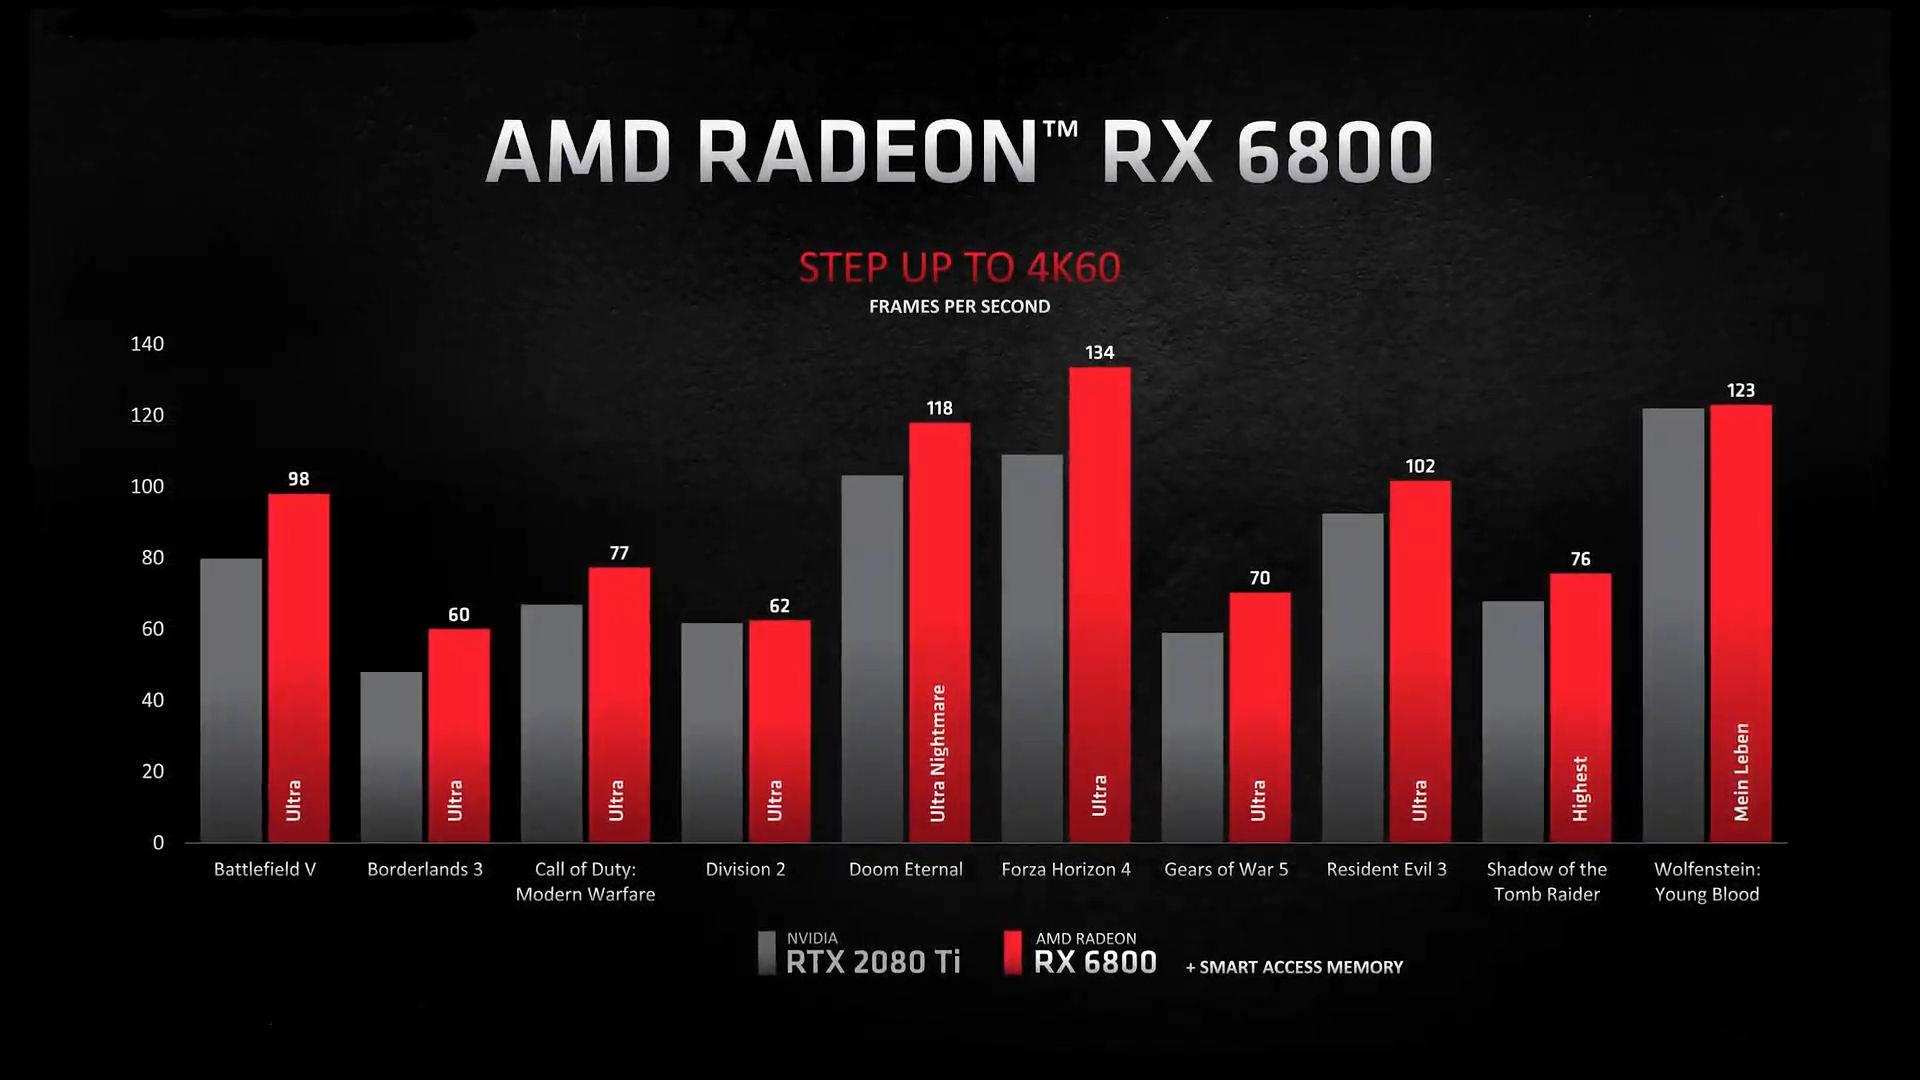 AMD-Radeon-RX-6800-vs-GeForce-RTX-2080-Ti.jpg